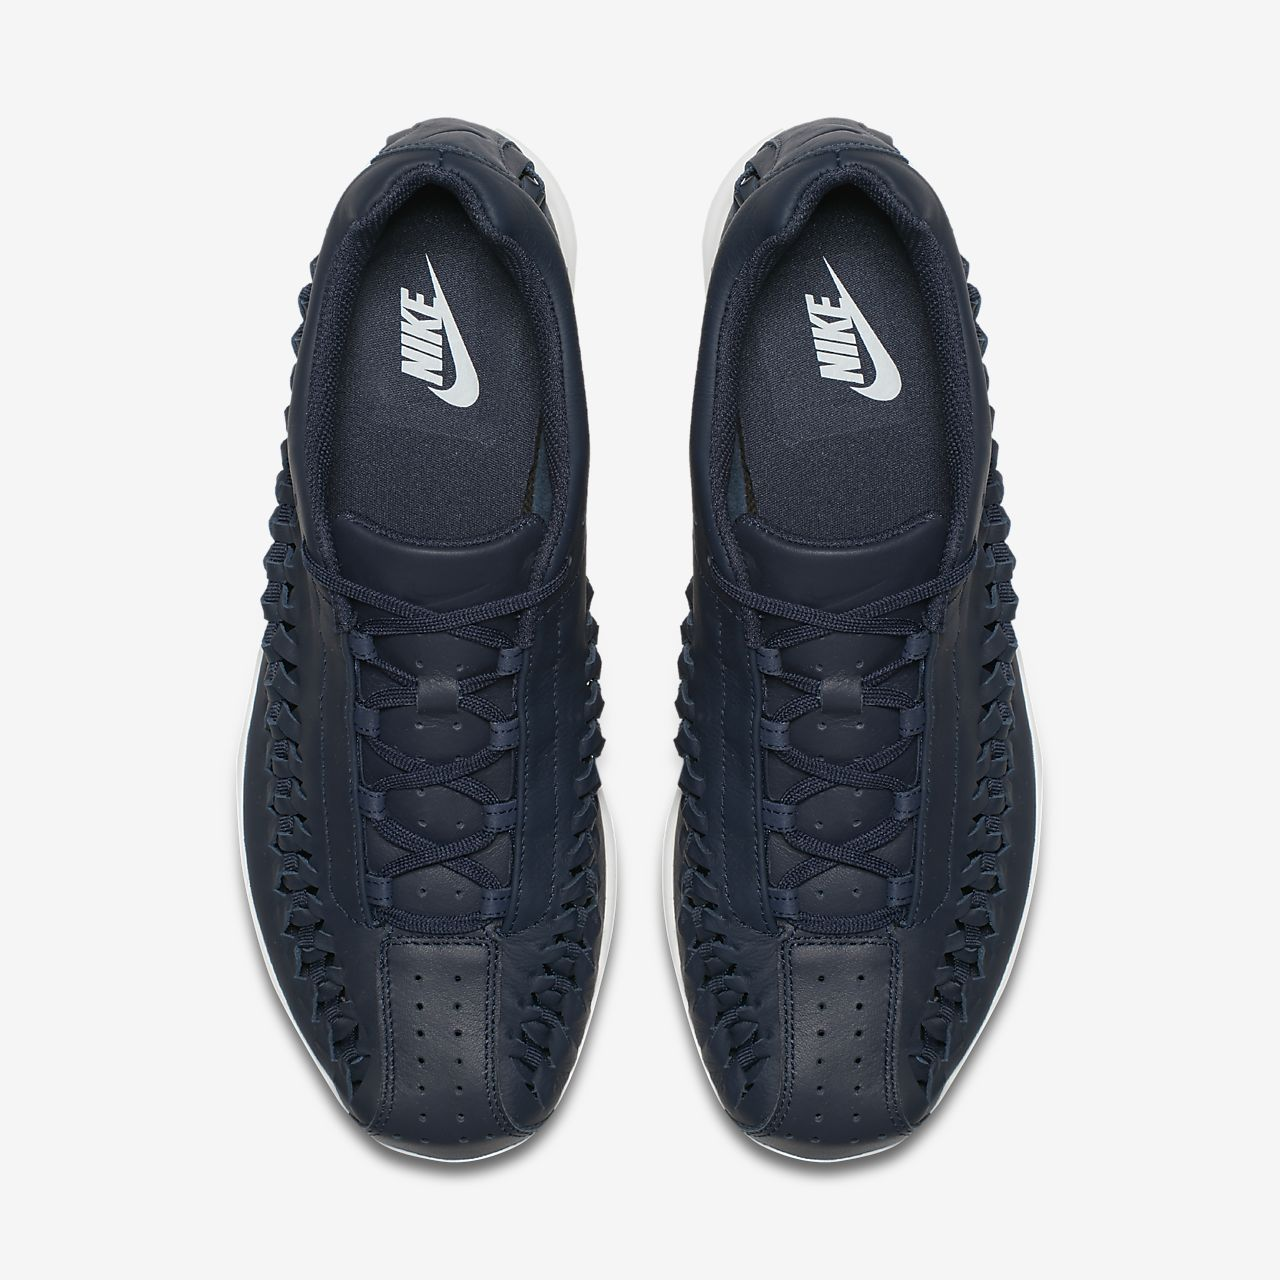 c83c787f4f9 Nike Mayfly Woven Men s Shoe. Nike.com GB